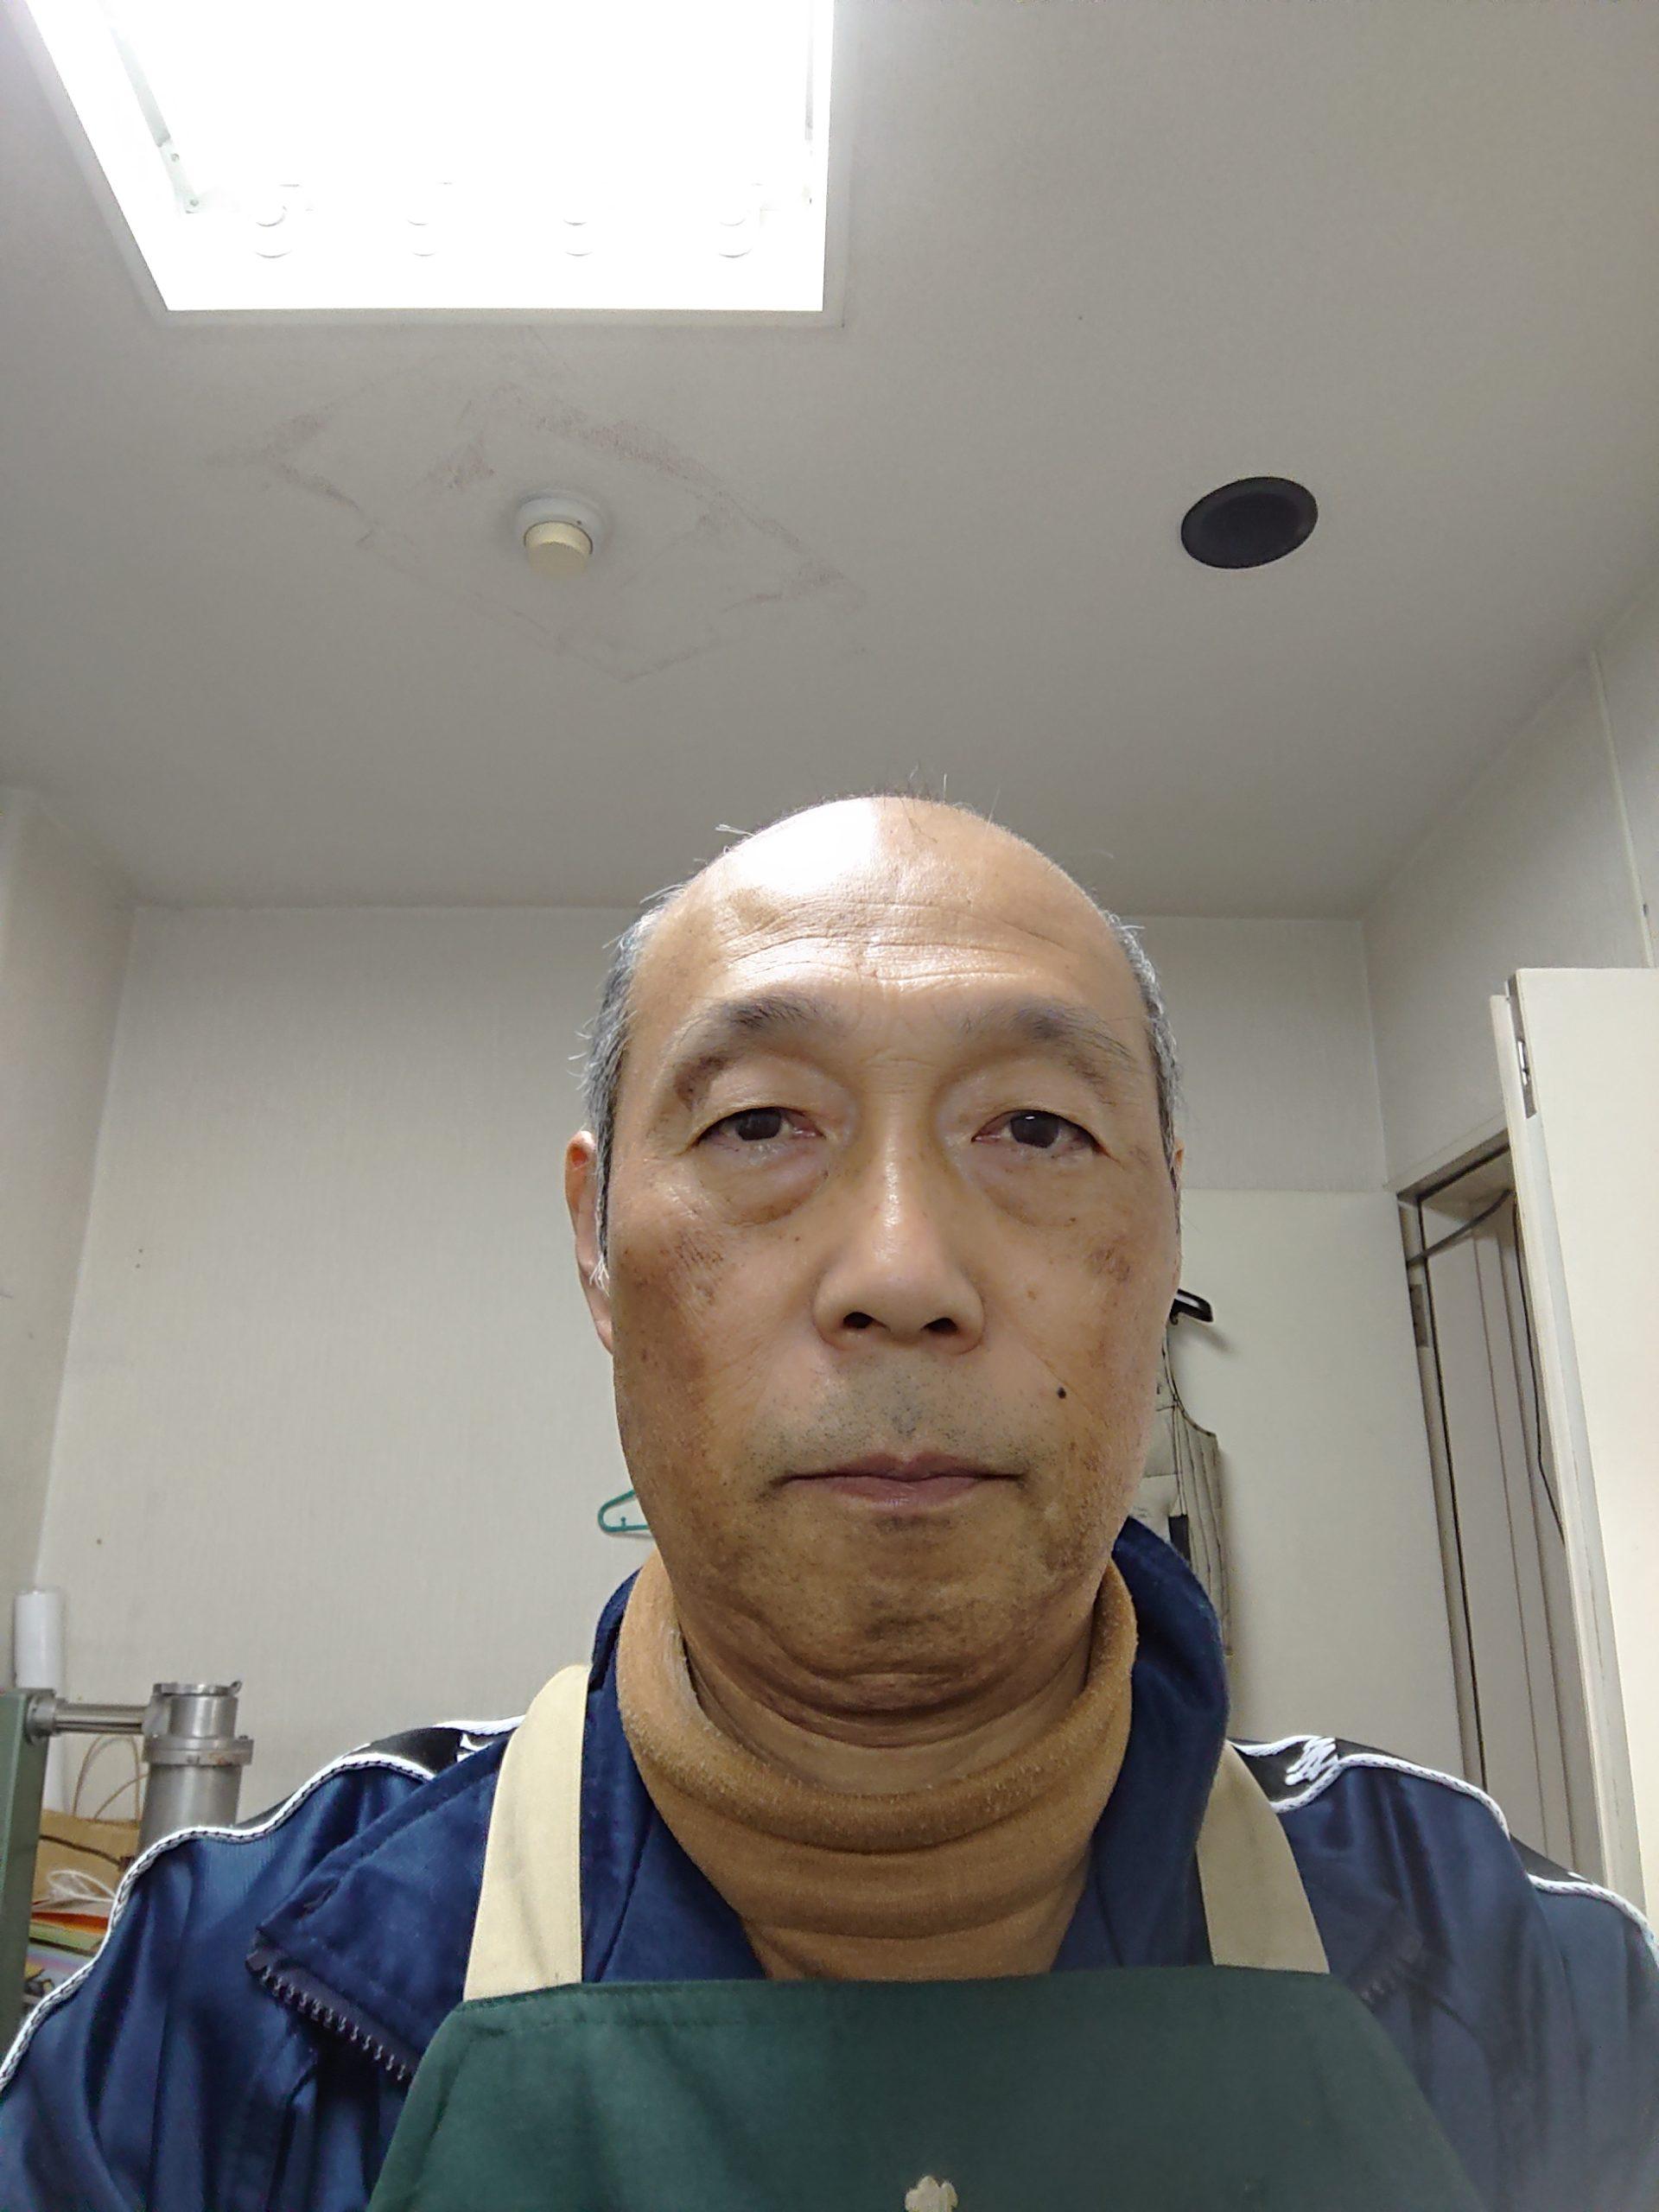 メンタル心理ヘルスカウンセラー講座卒業寺井修一郎さん